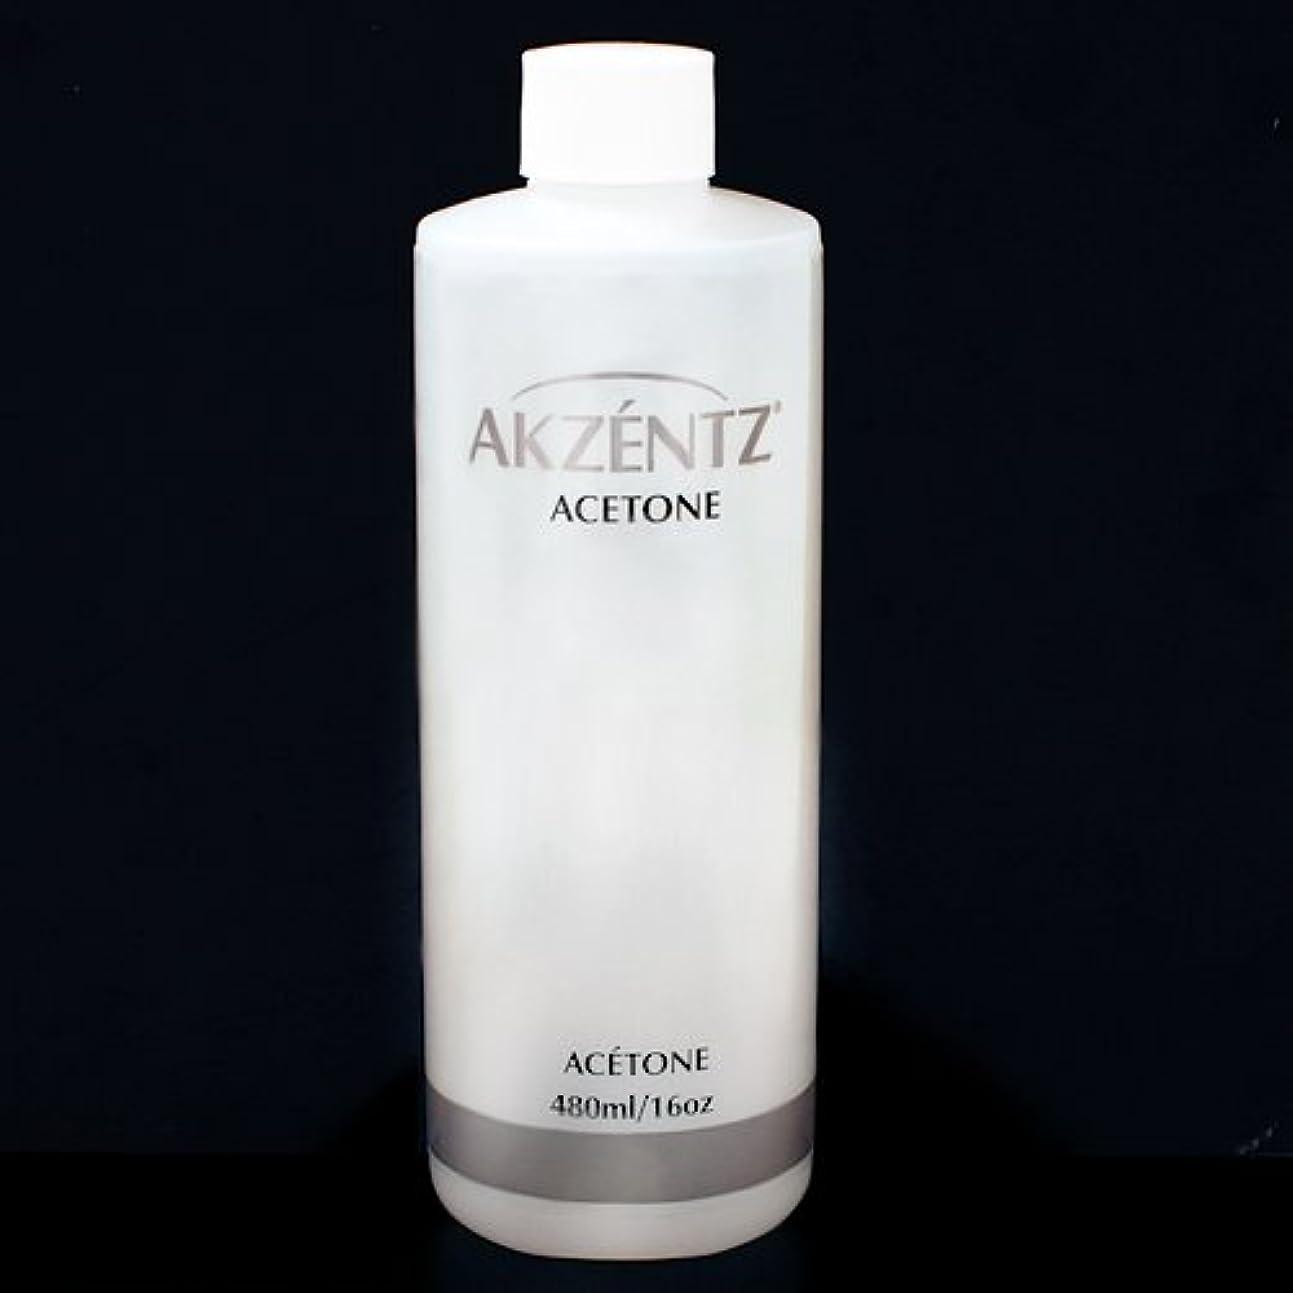 インセンティブアプトスイアクセンツ(AKZENTZ) ネイルリムーバー (アセトン) 480ml